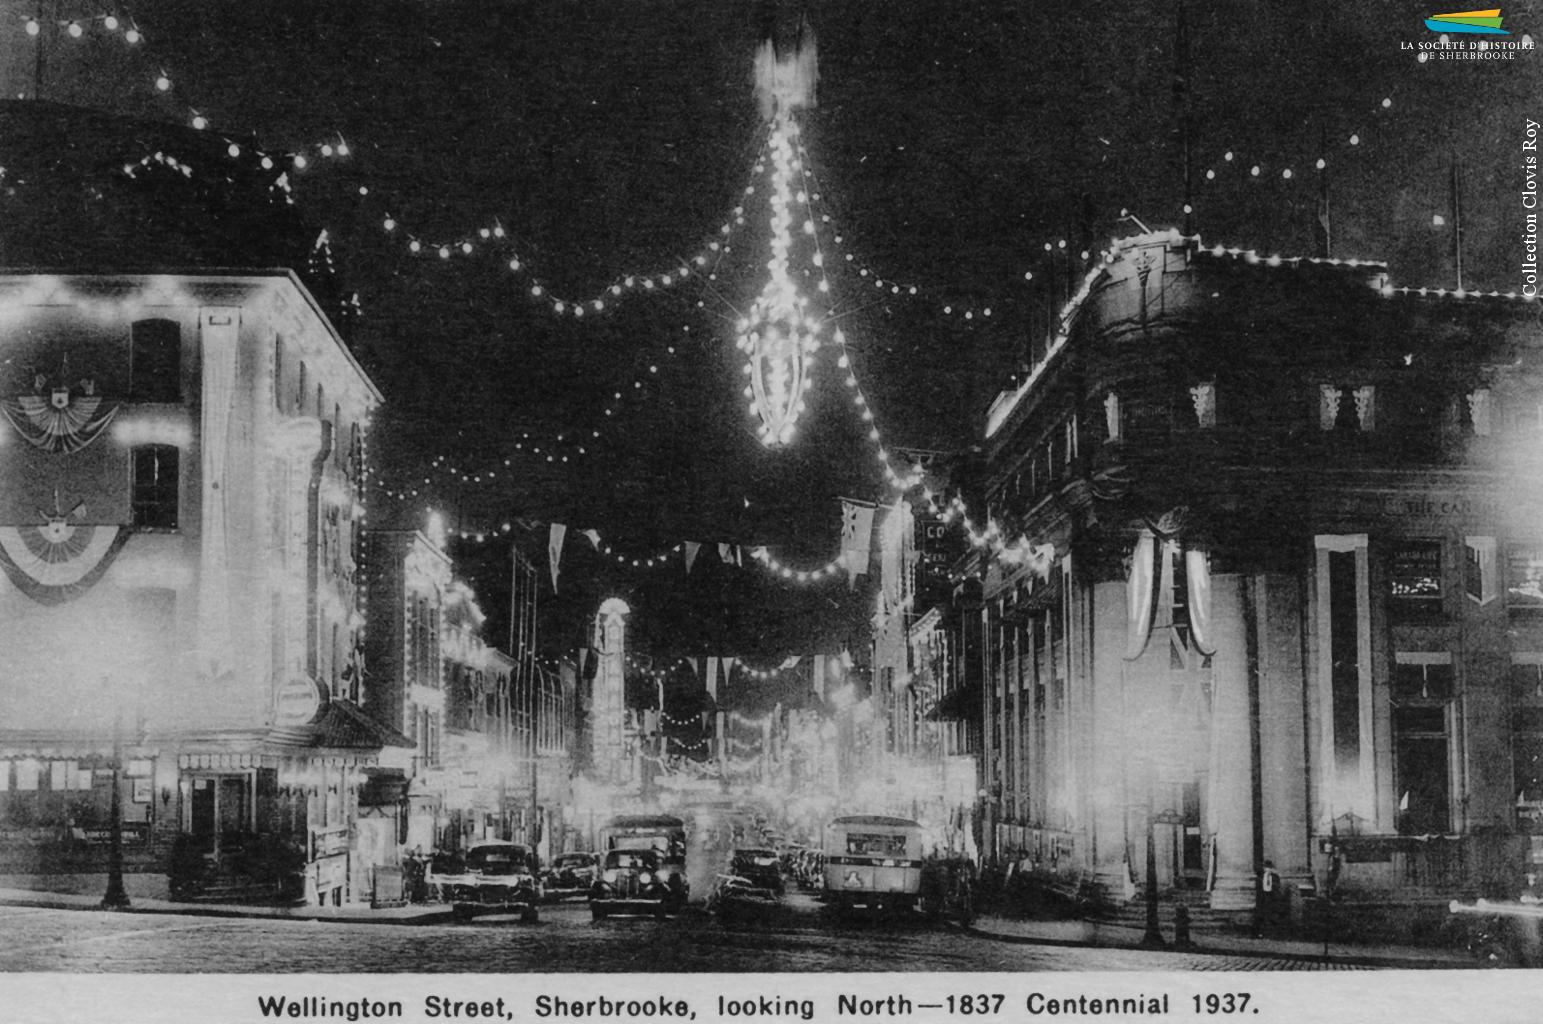 Des photos du centre-ville de Sherbrooke, tout éclairé à l'occasion du « centenaire » de 1937. Les autorités municipales cherchent à stimuler le tourisme et la venue d'industries, entre autres en vantant ses ressources hydroélectriques, et montent de toutes pièces des célébrations du centenaire même si l'année 1937 ne marque le centième anniversaire de rien de significatif,